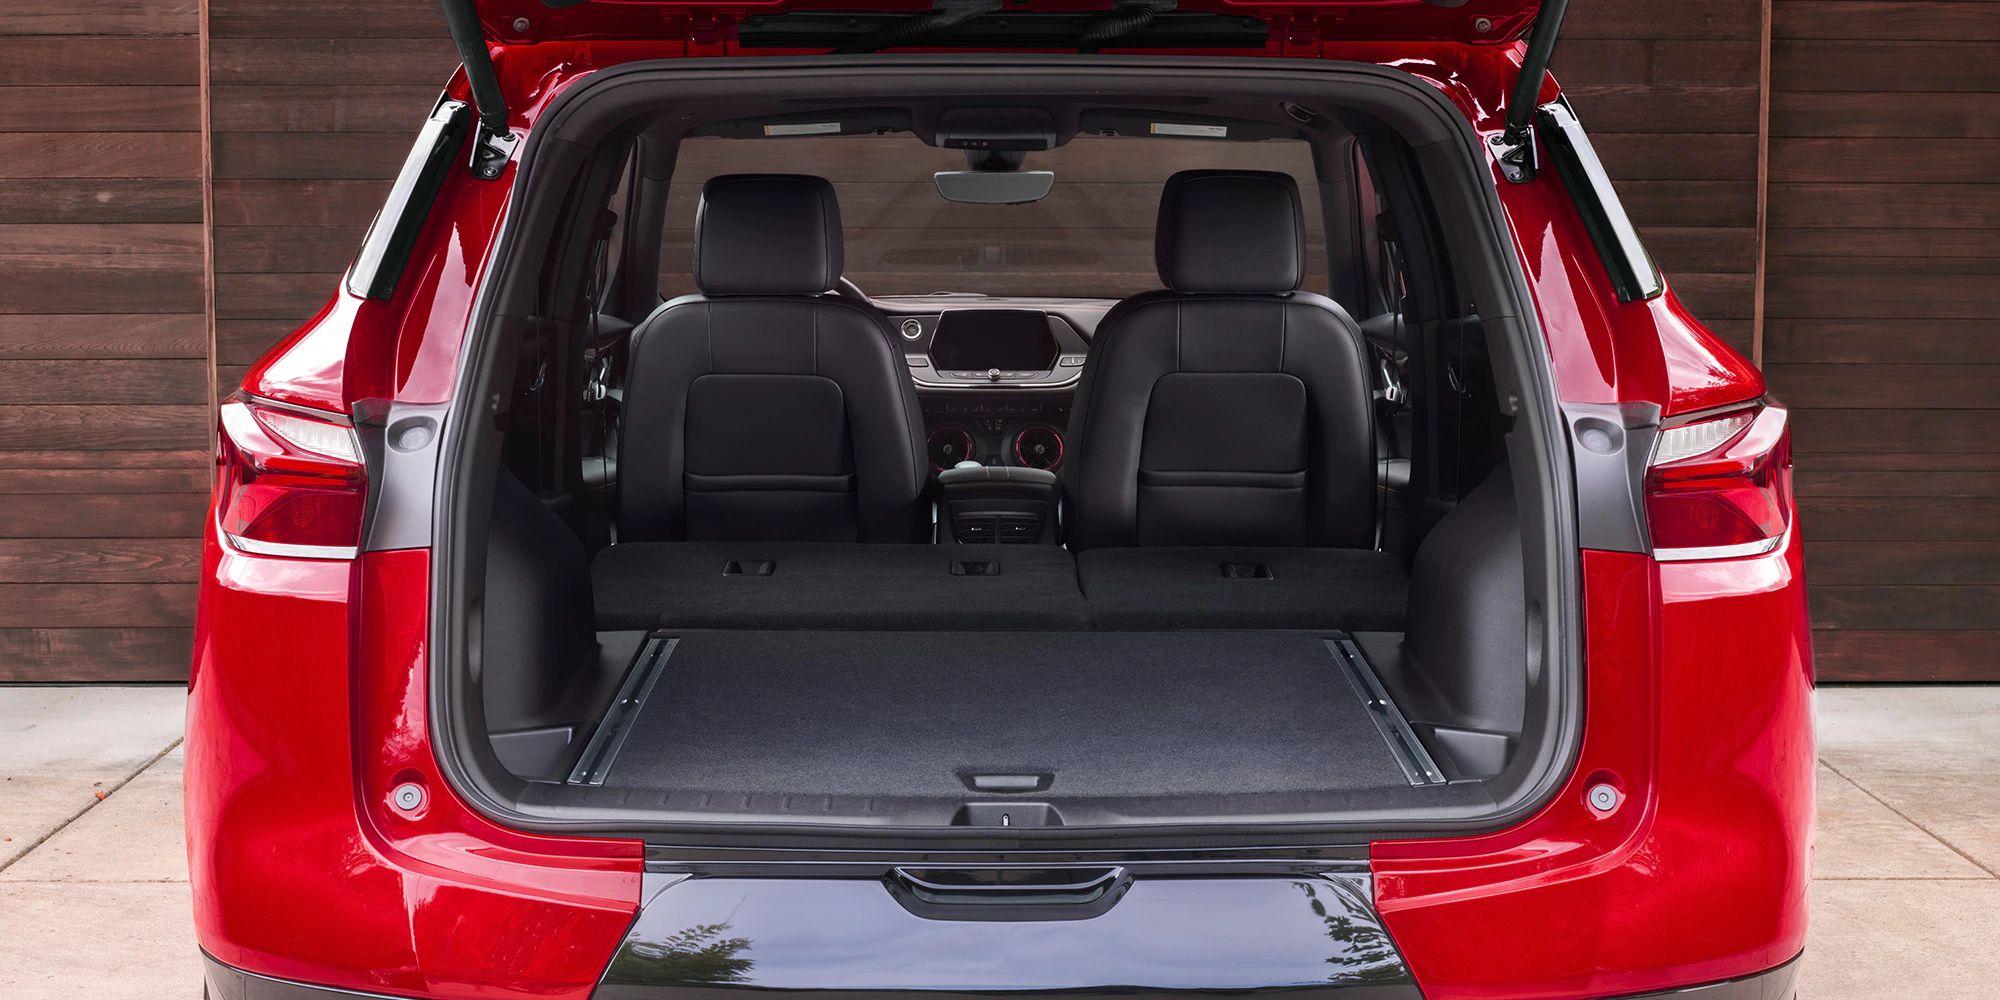 2021 Chevrolet Blazer Performance